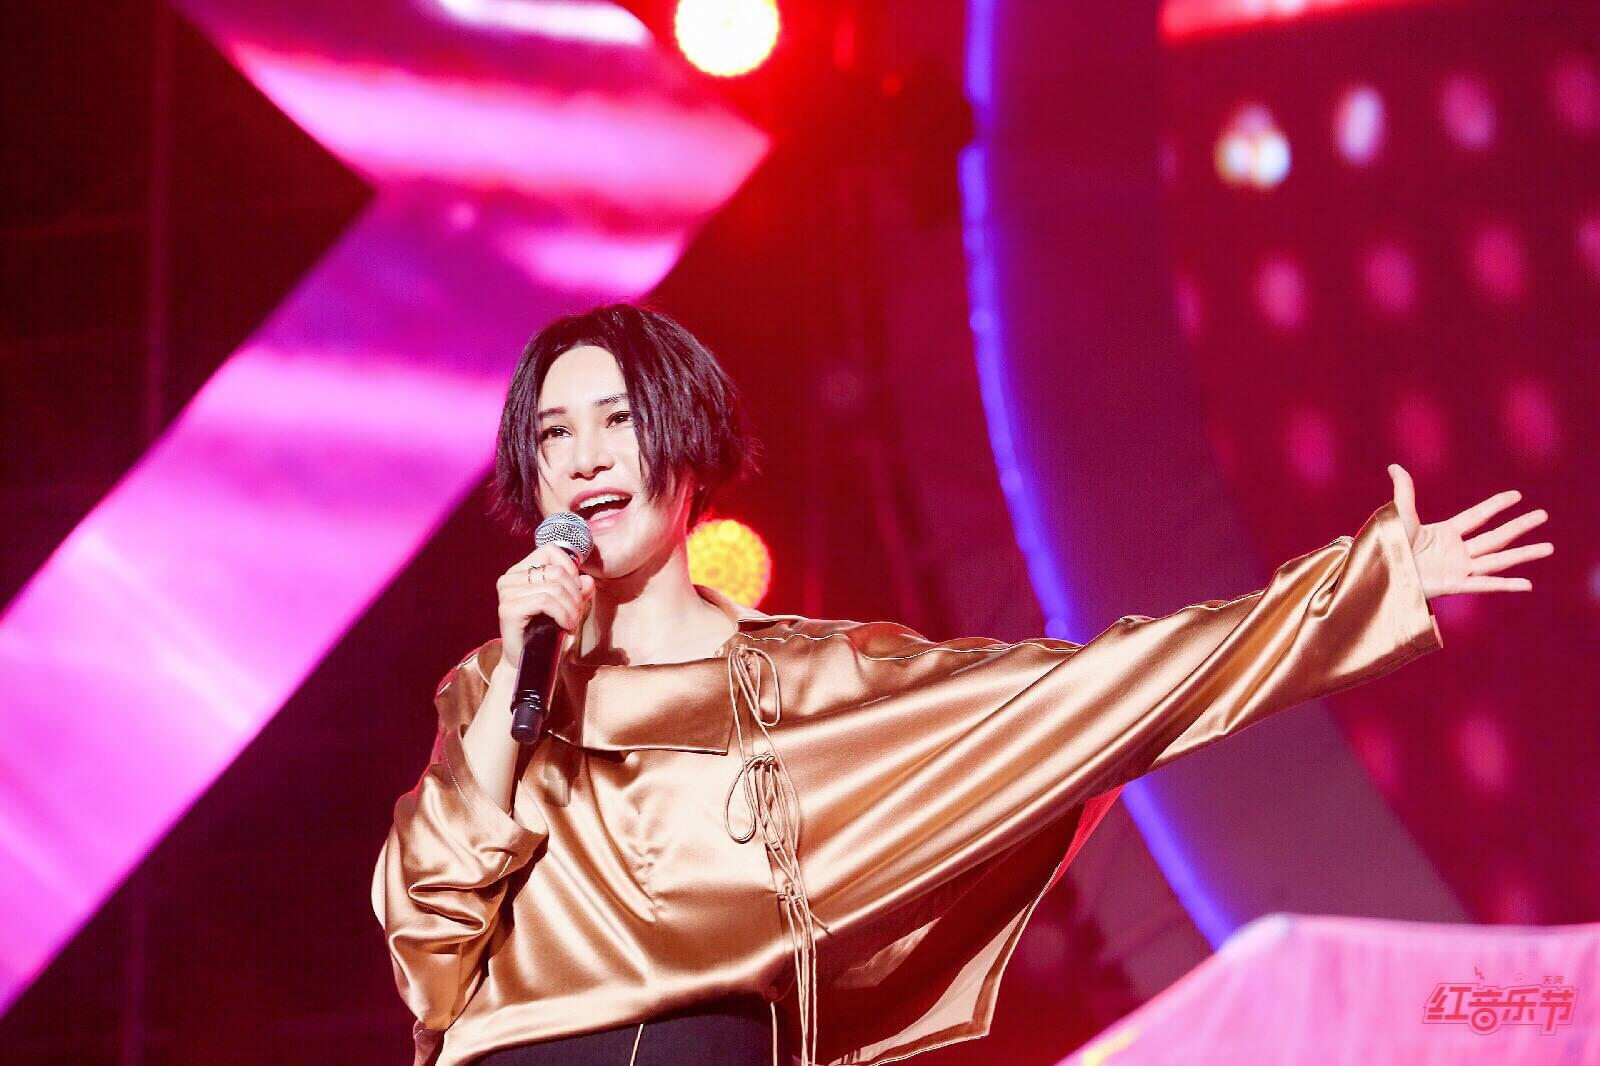 尚雯婕献唱音乐节 霸气唱功掀电音热浪